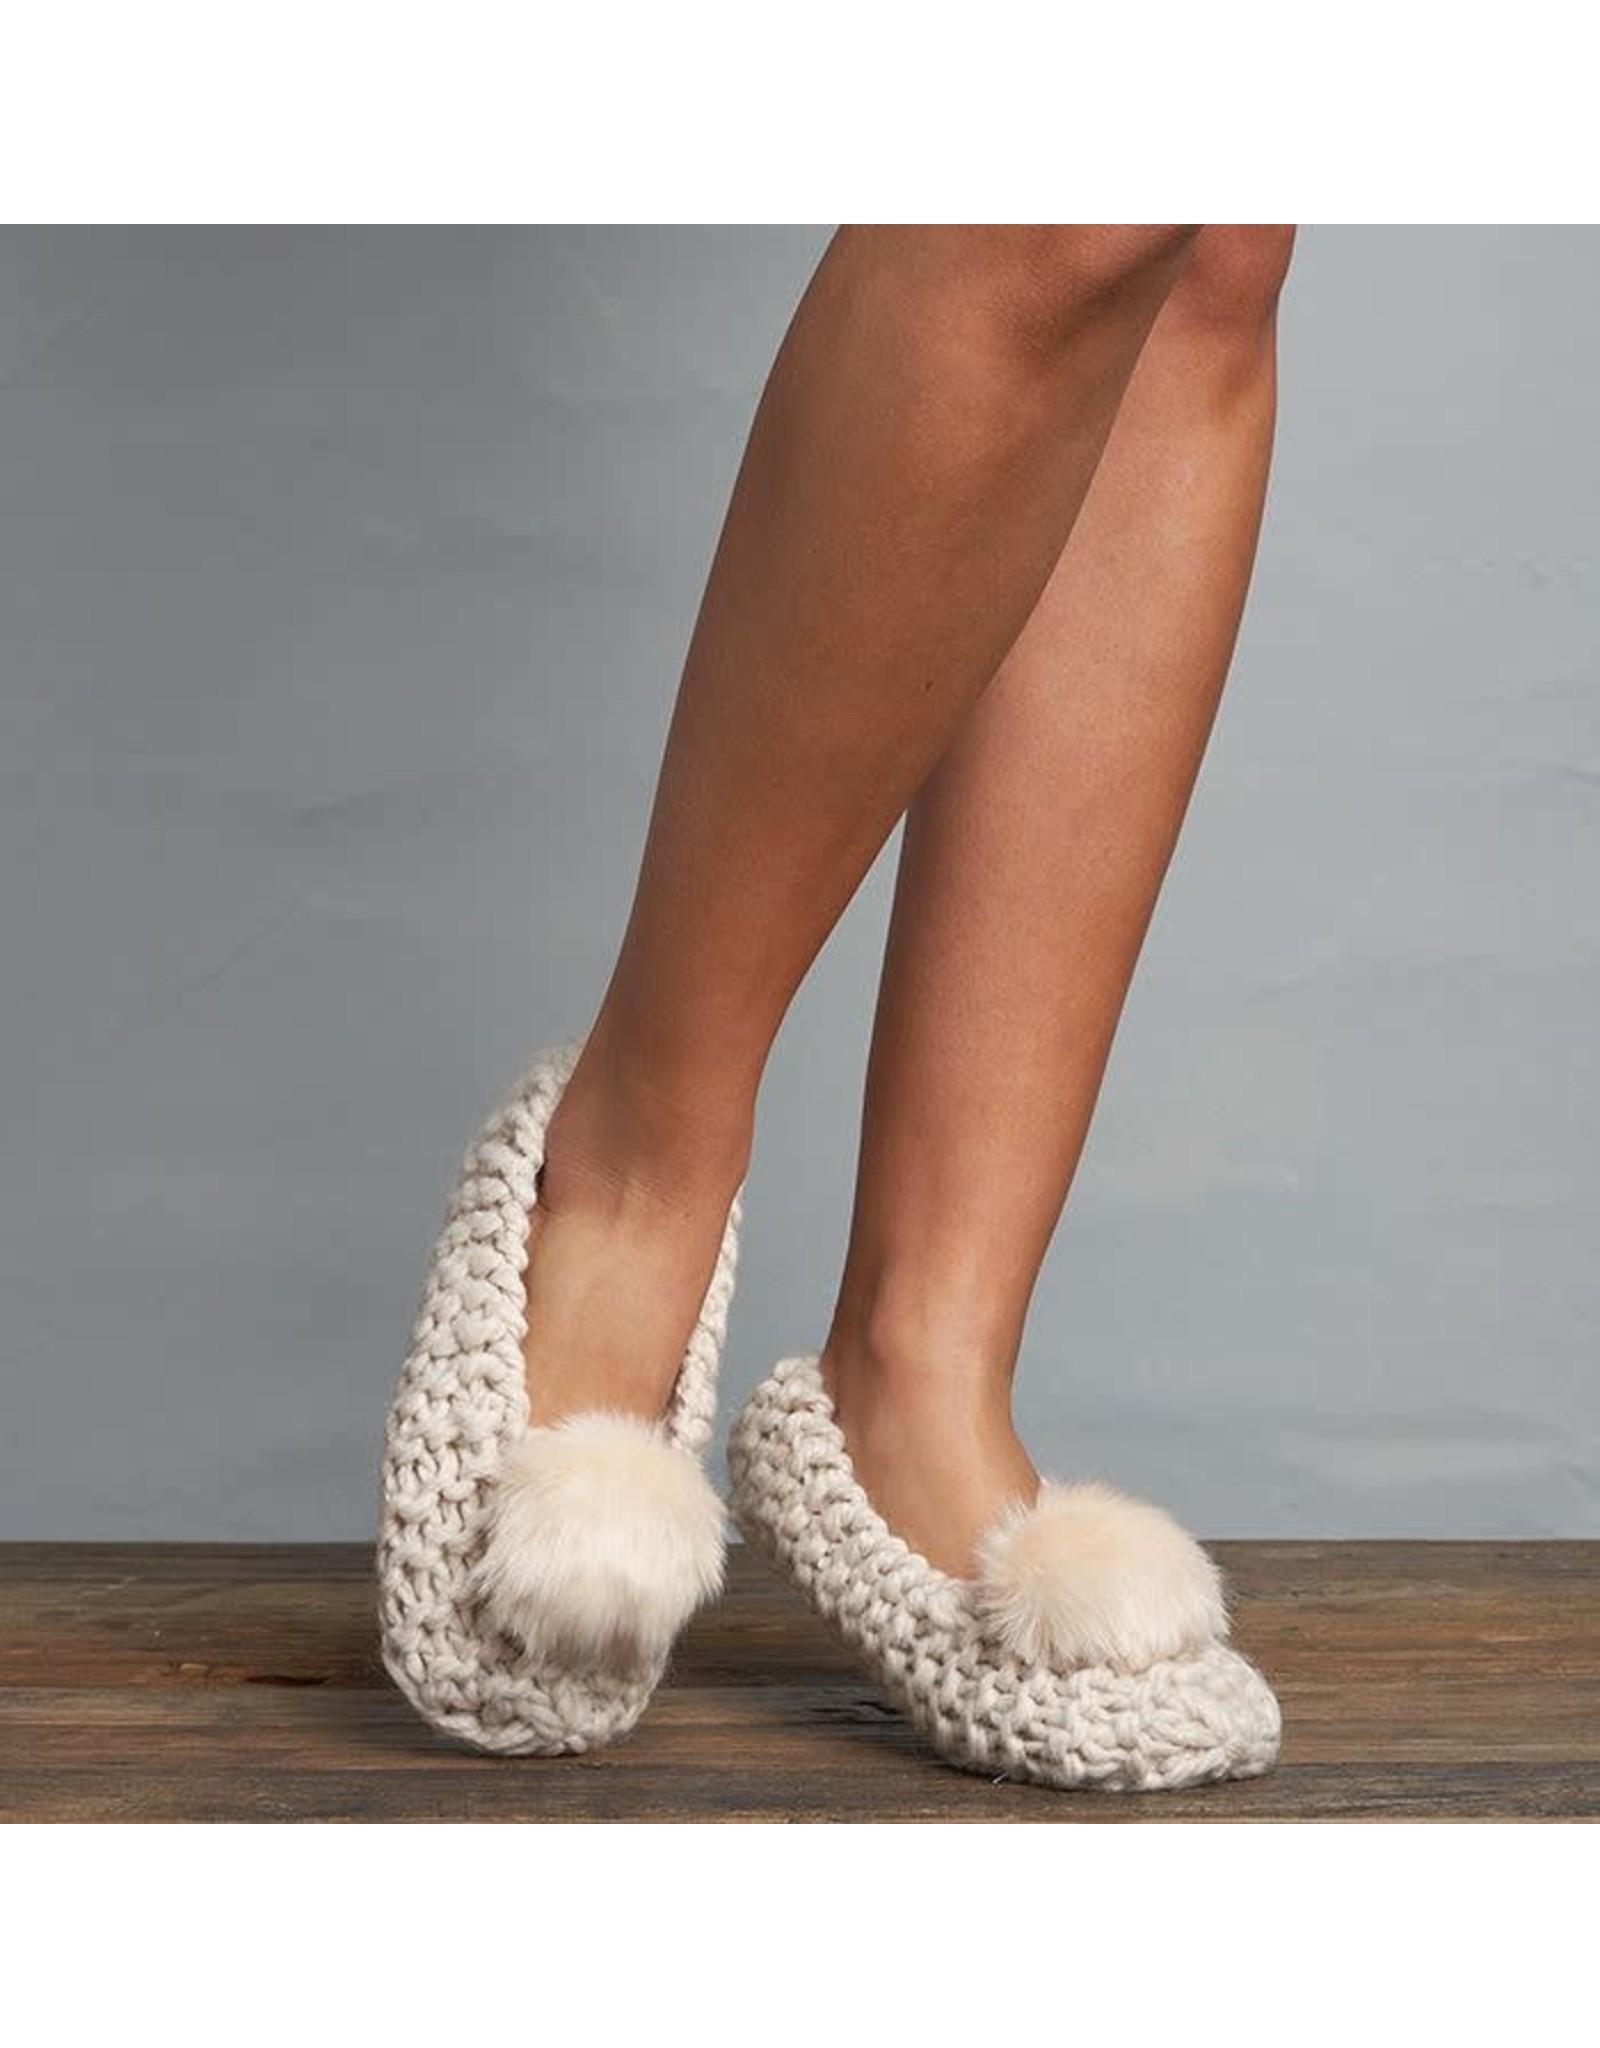 Lemon Lemon - Popcorn knit ballerina slipper with faux fur pom (white sand)